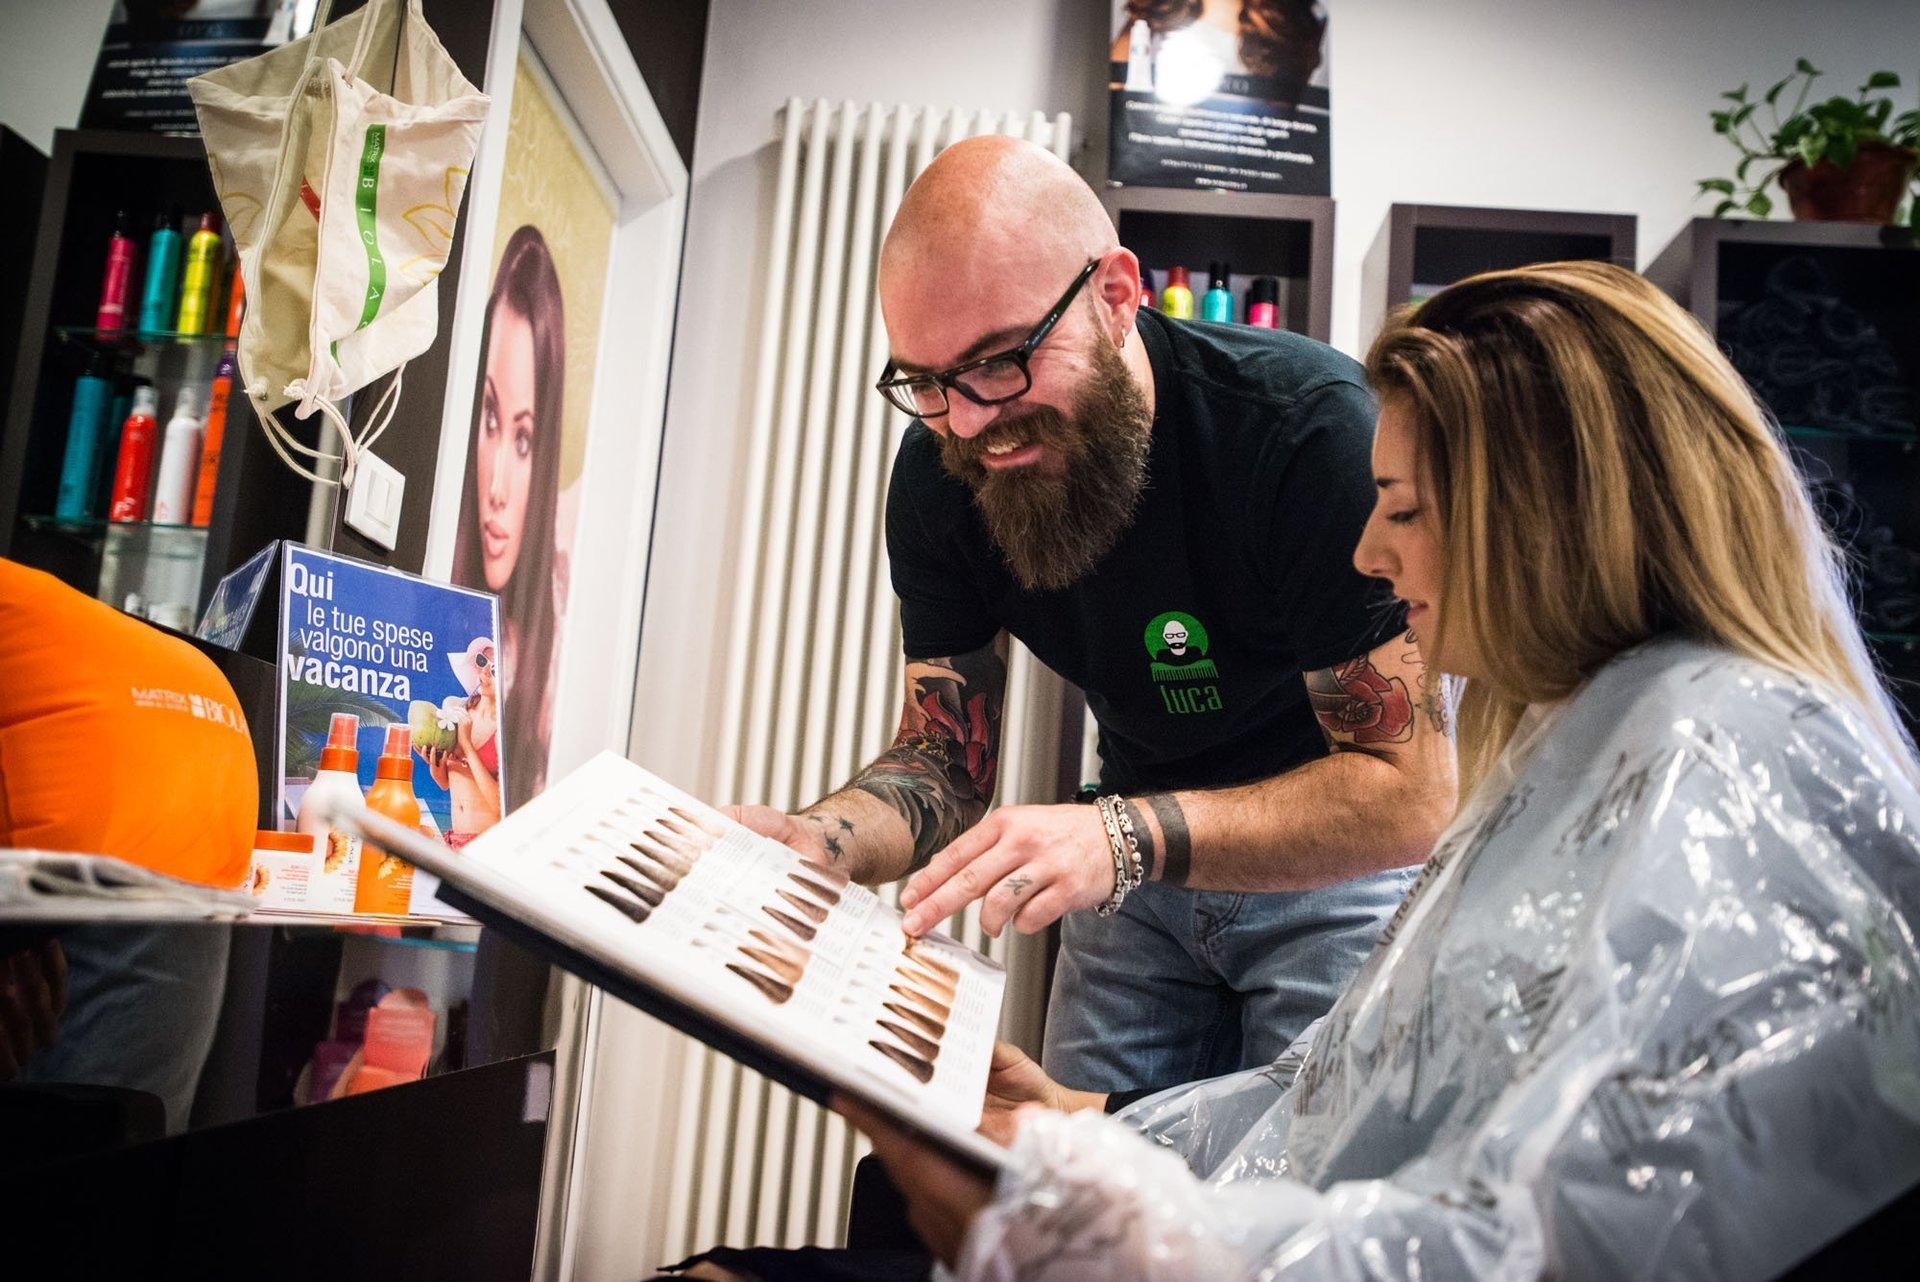 parrucchiere mostra il catalogo delle tinte a una cliente